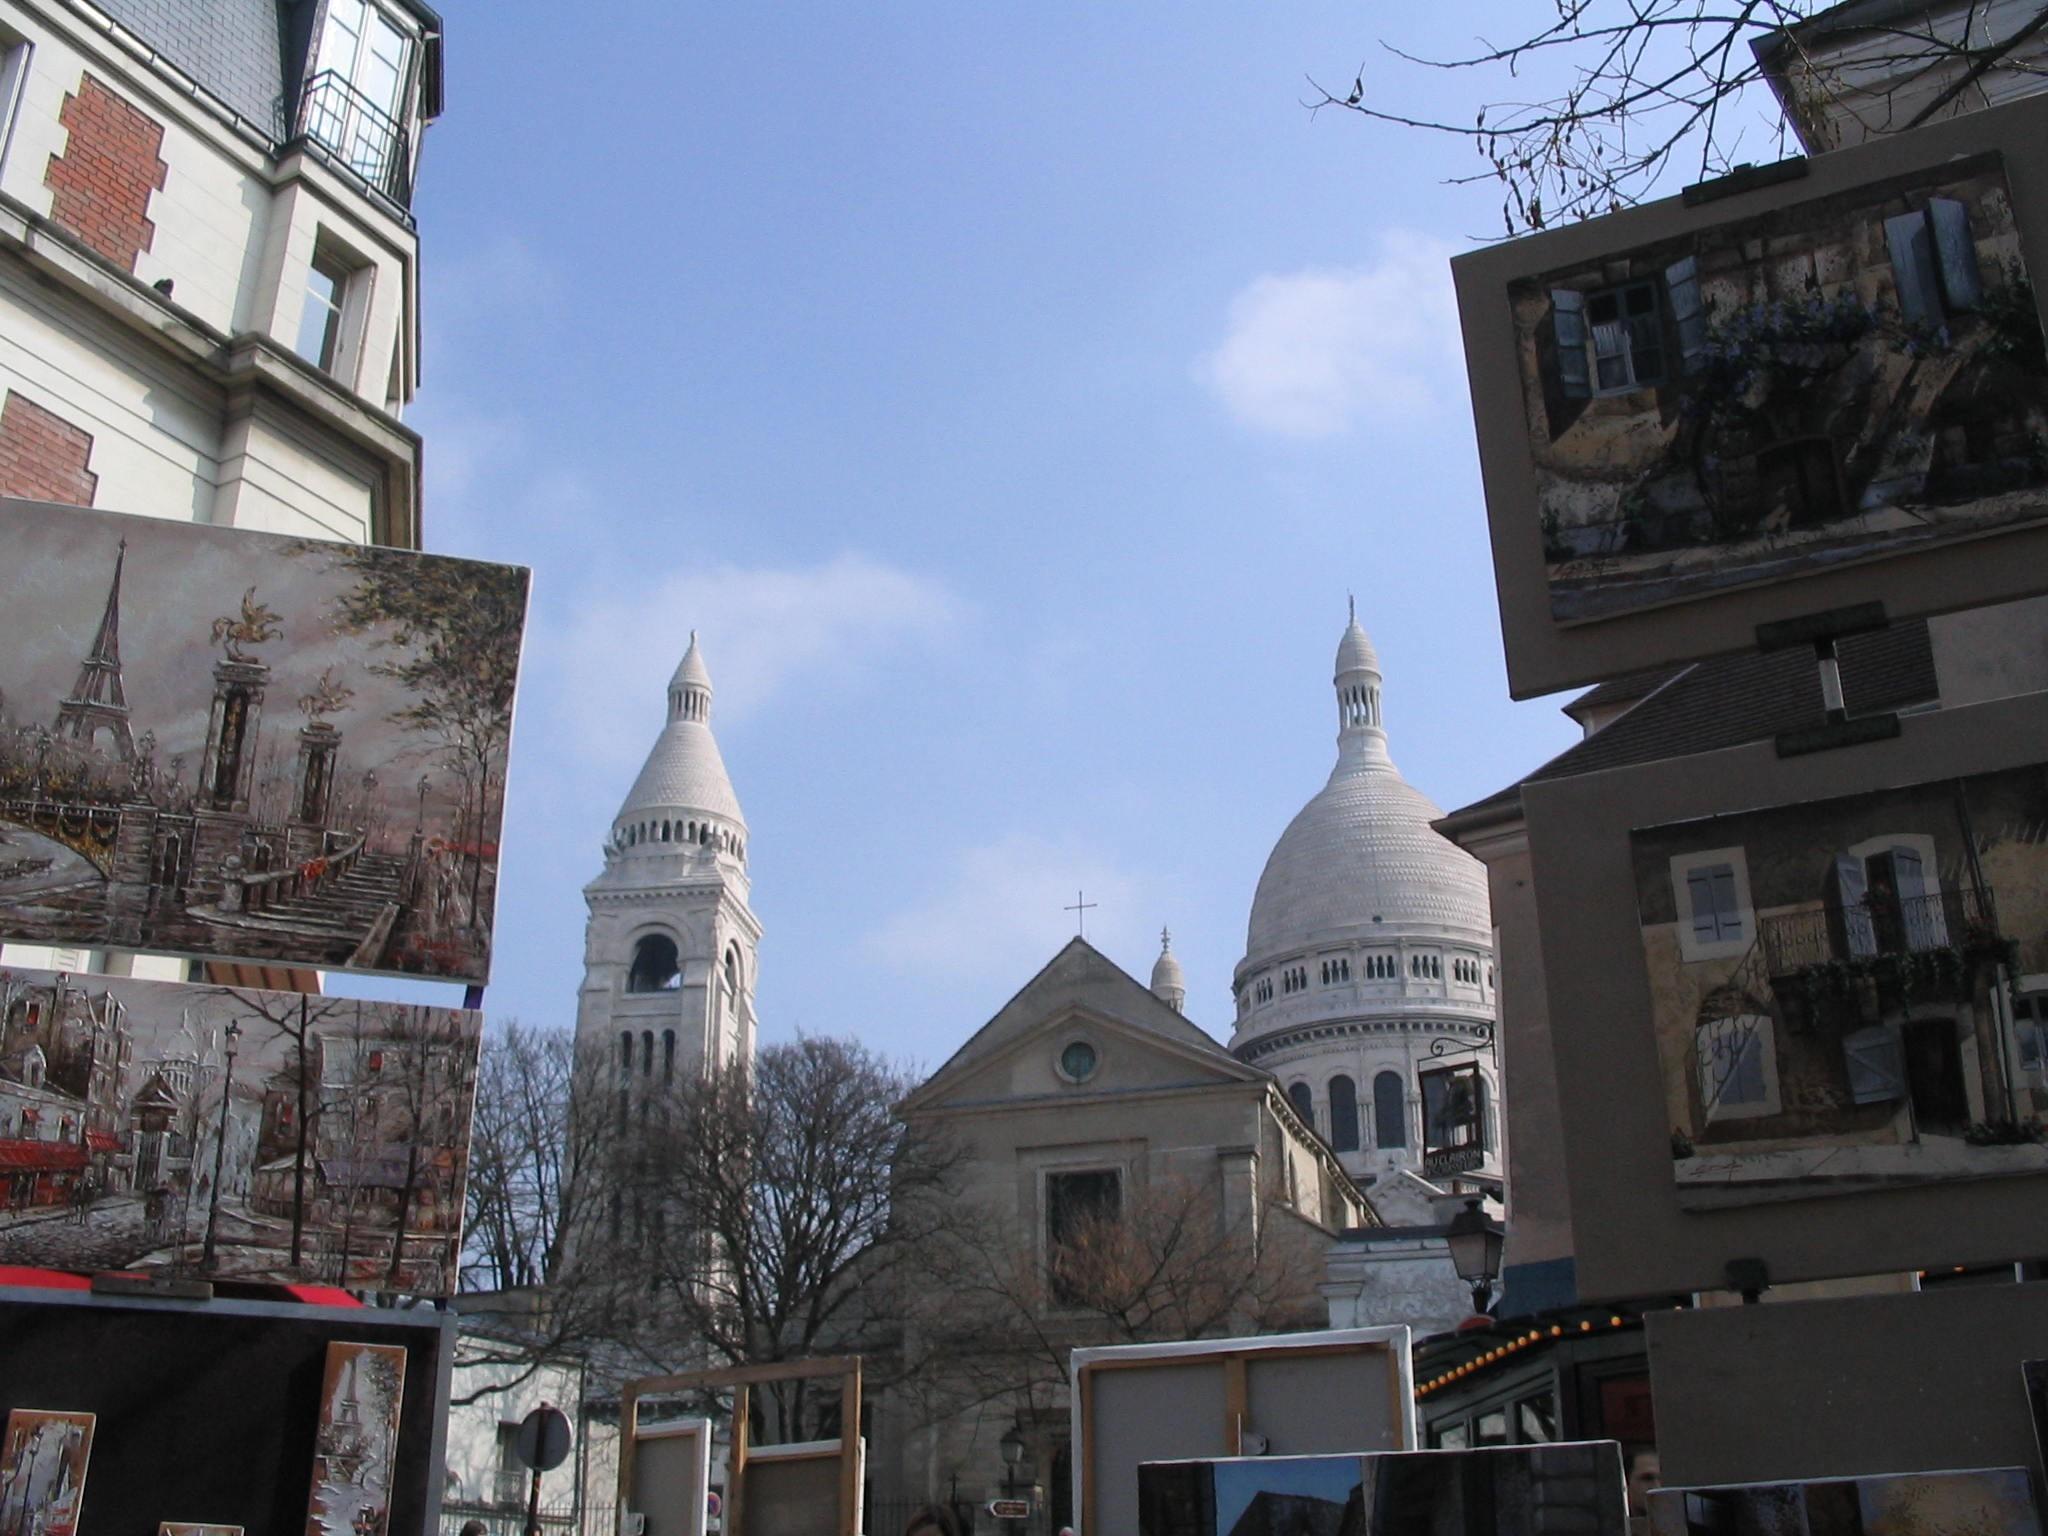 El barrio de Montmartre y la Basílica Sacré Coeur.